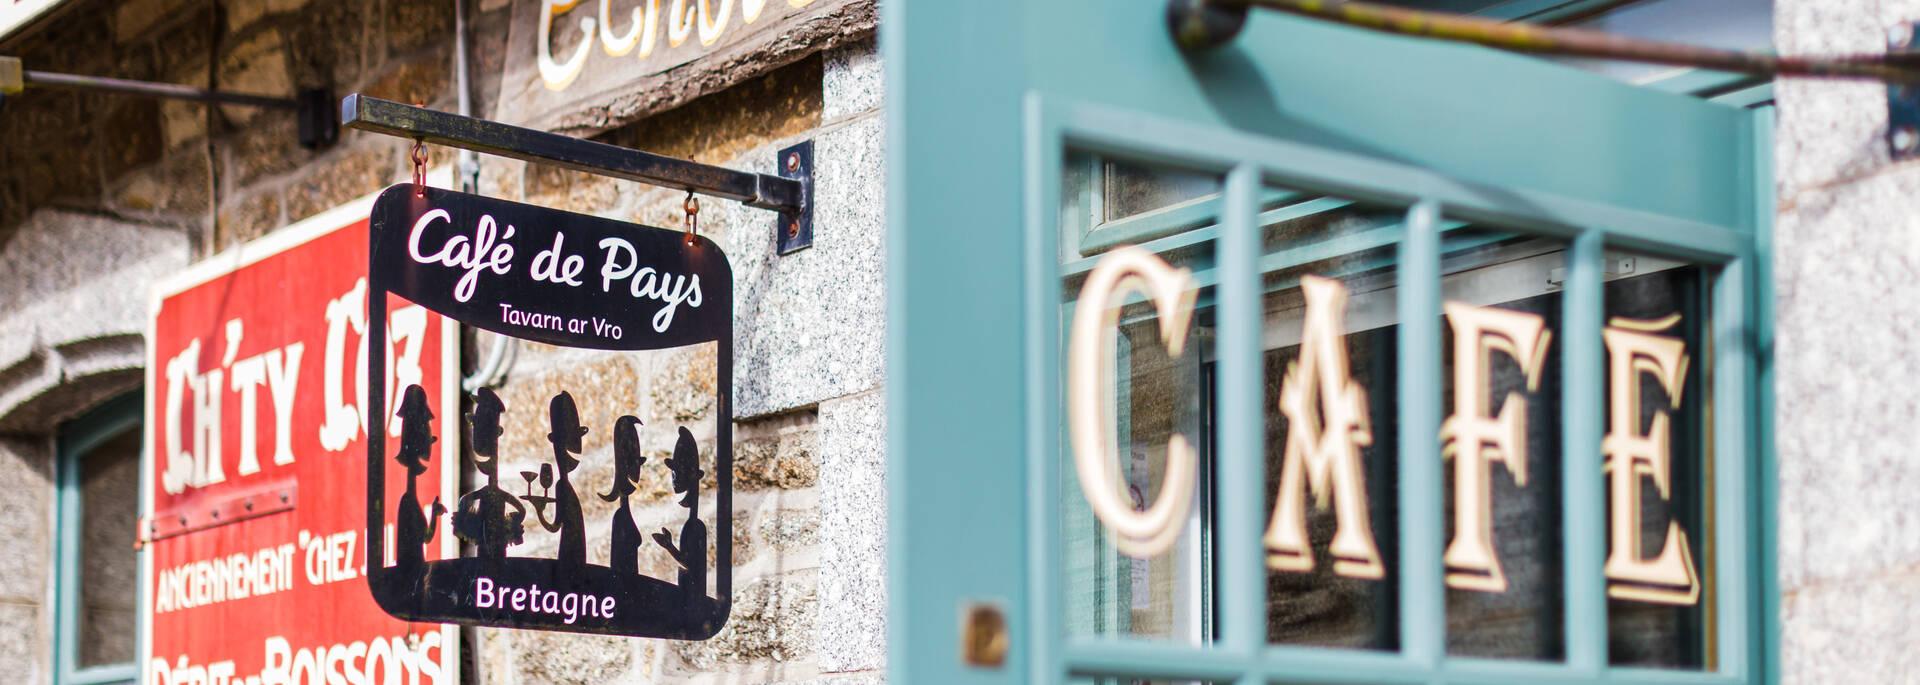 @L'Oeil de Paco - Ch'Ty Coz - café de pays